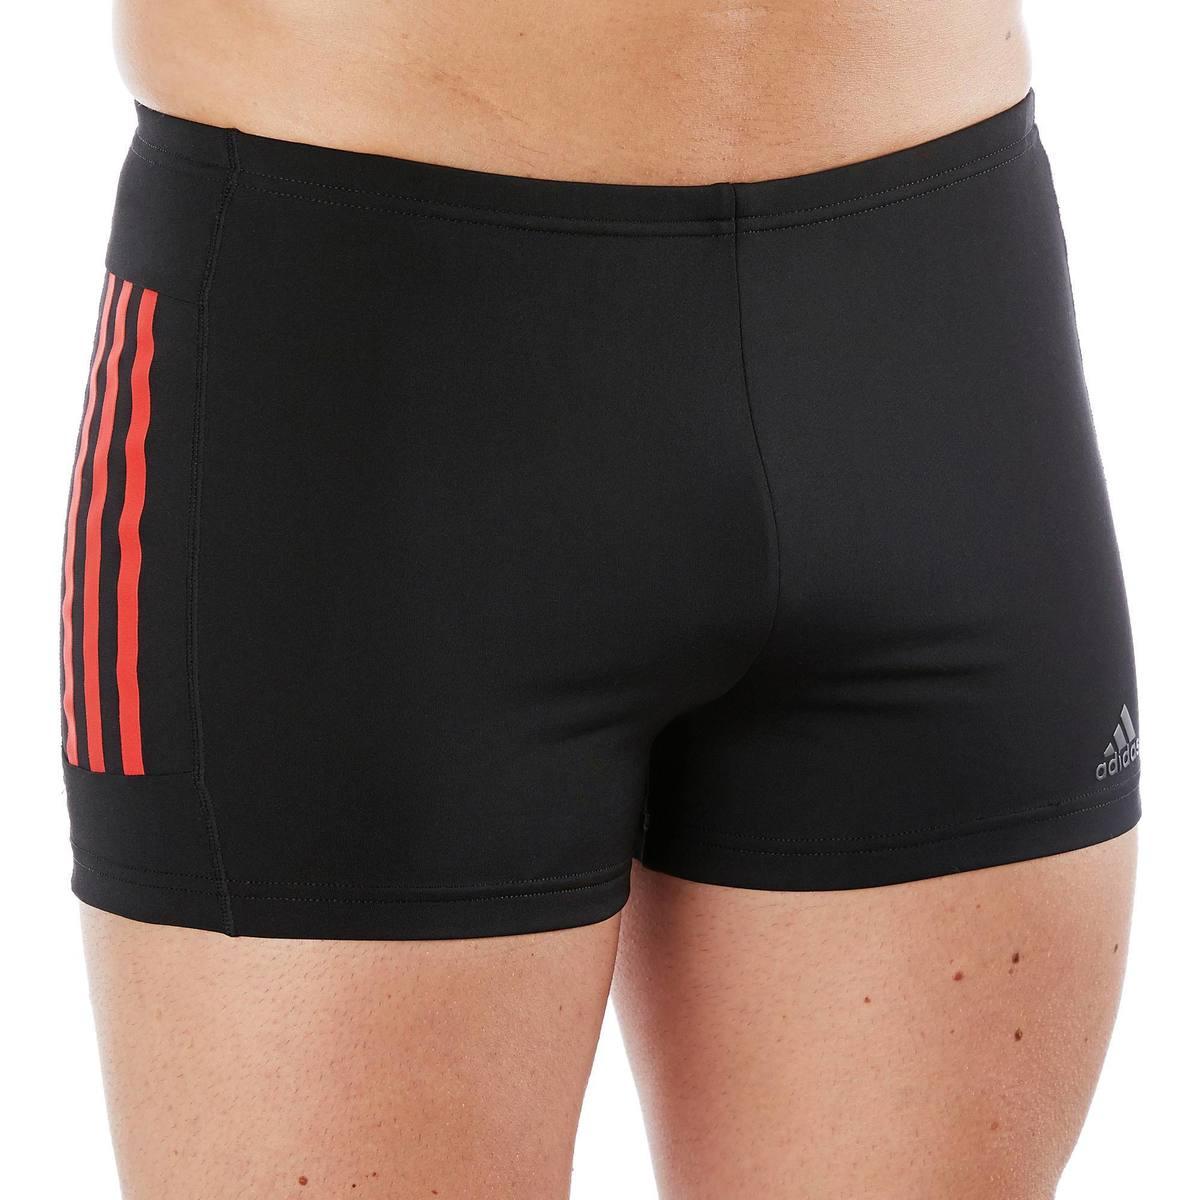 Bild 2 von Badehose Boxer 3 Streifen Herren schwarz/rot